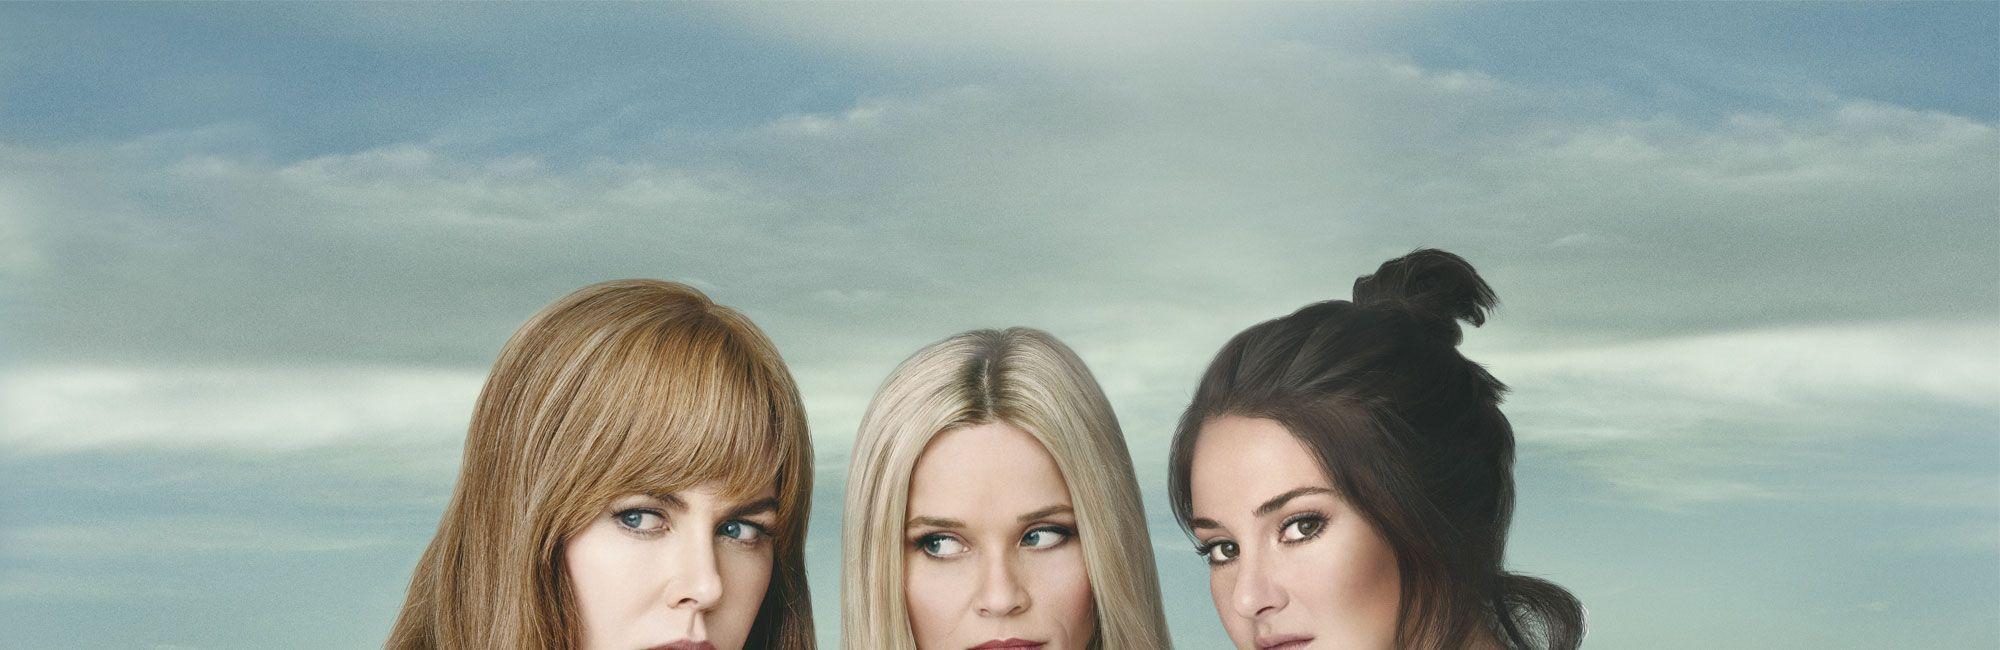 Big Little Lies : 5 choses qu'on veut absolument voir dans la saison 2